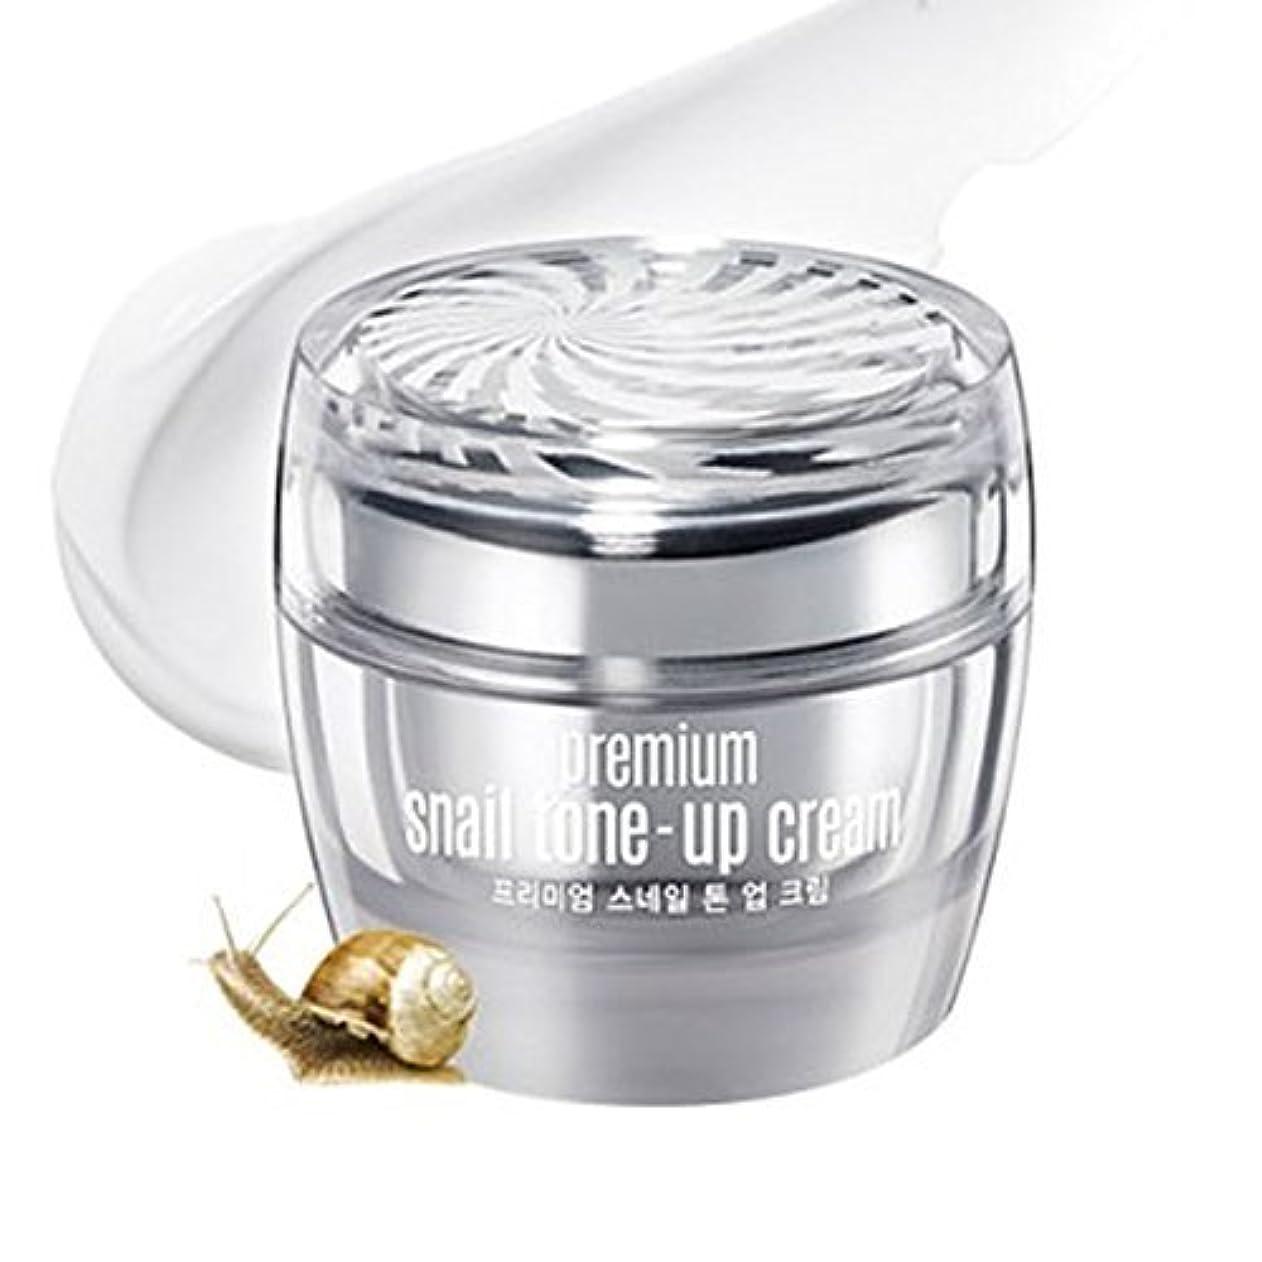 はさみスーツデンプシーグーダル プレミアム スネイル トーンアップ クリーム CLIO Goodal Premium Snail Tone Up Whitening Cream 50ml(1.69oz)/Korea Cosmetic [並行輸入品]